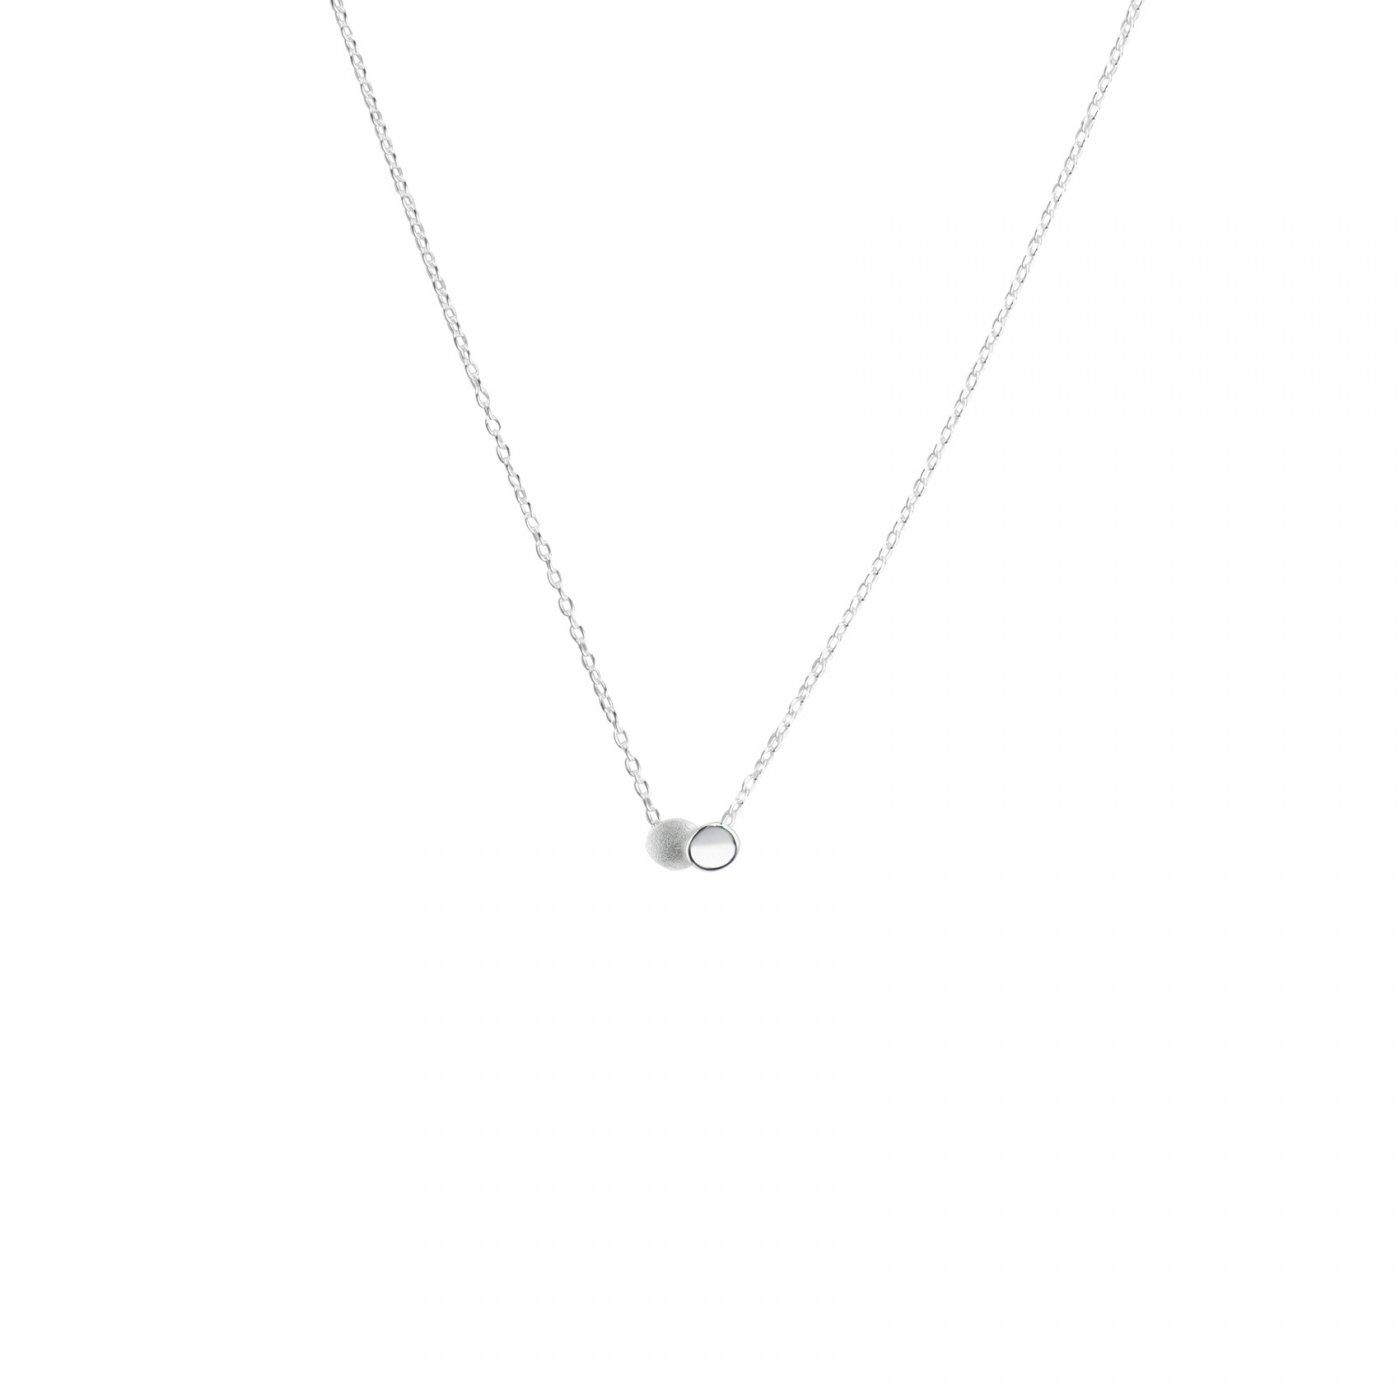 rocky-shore-drop-necklace-zoom-2-1400x1400